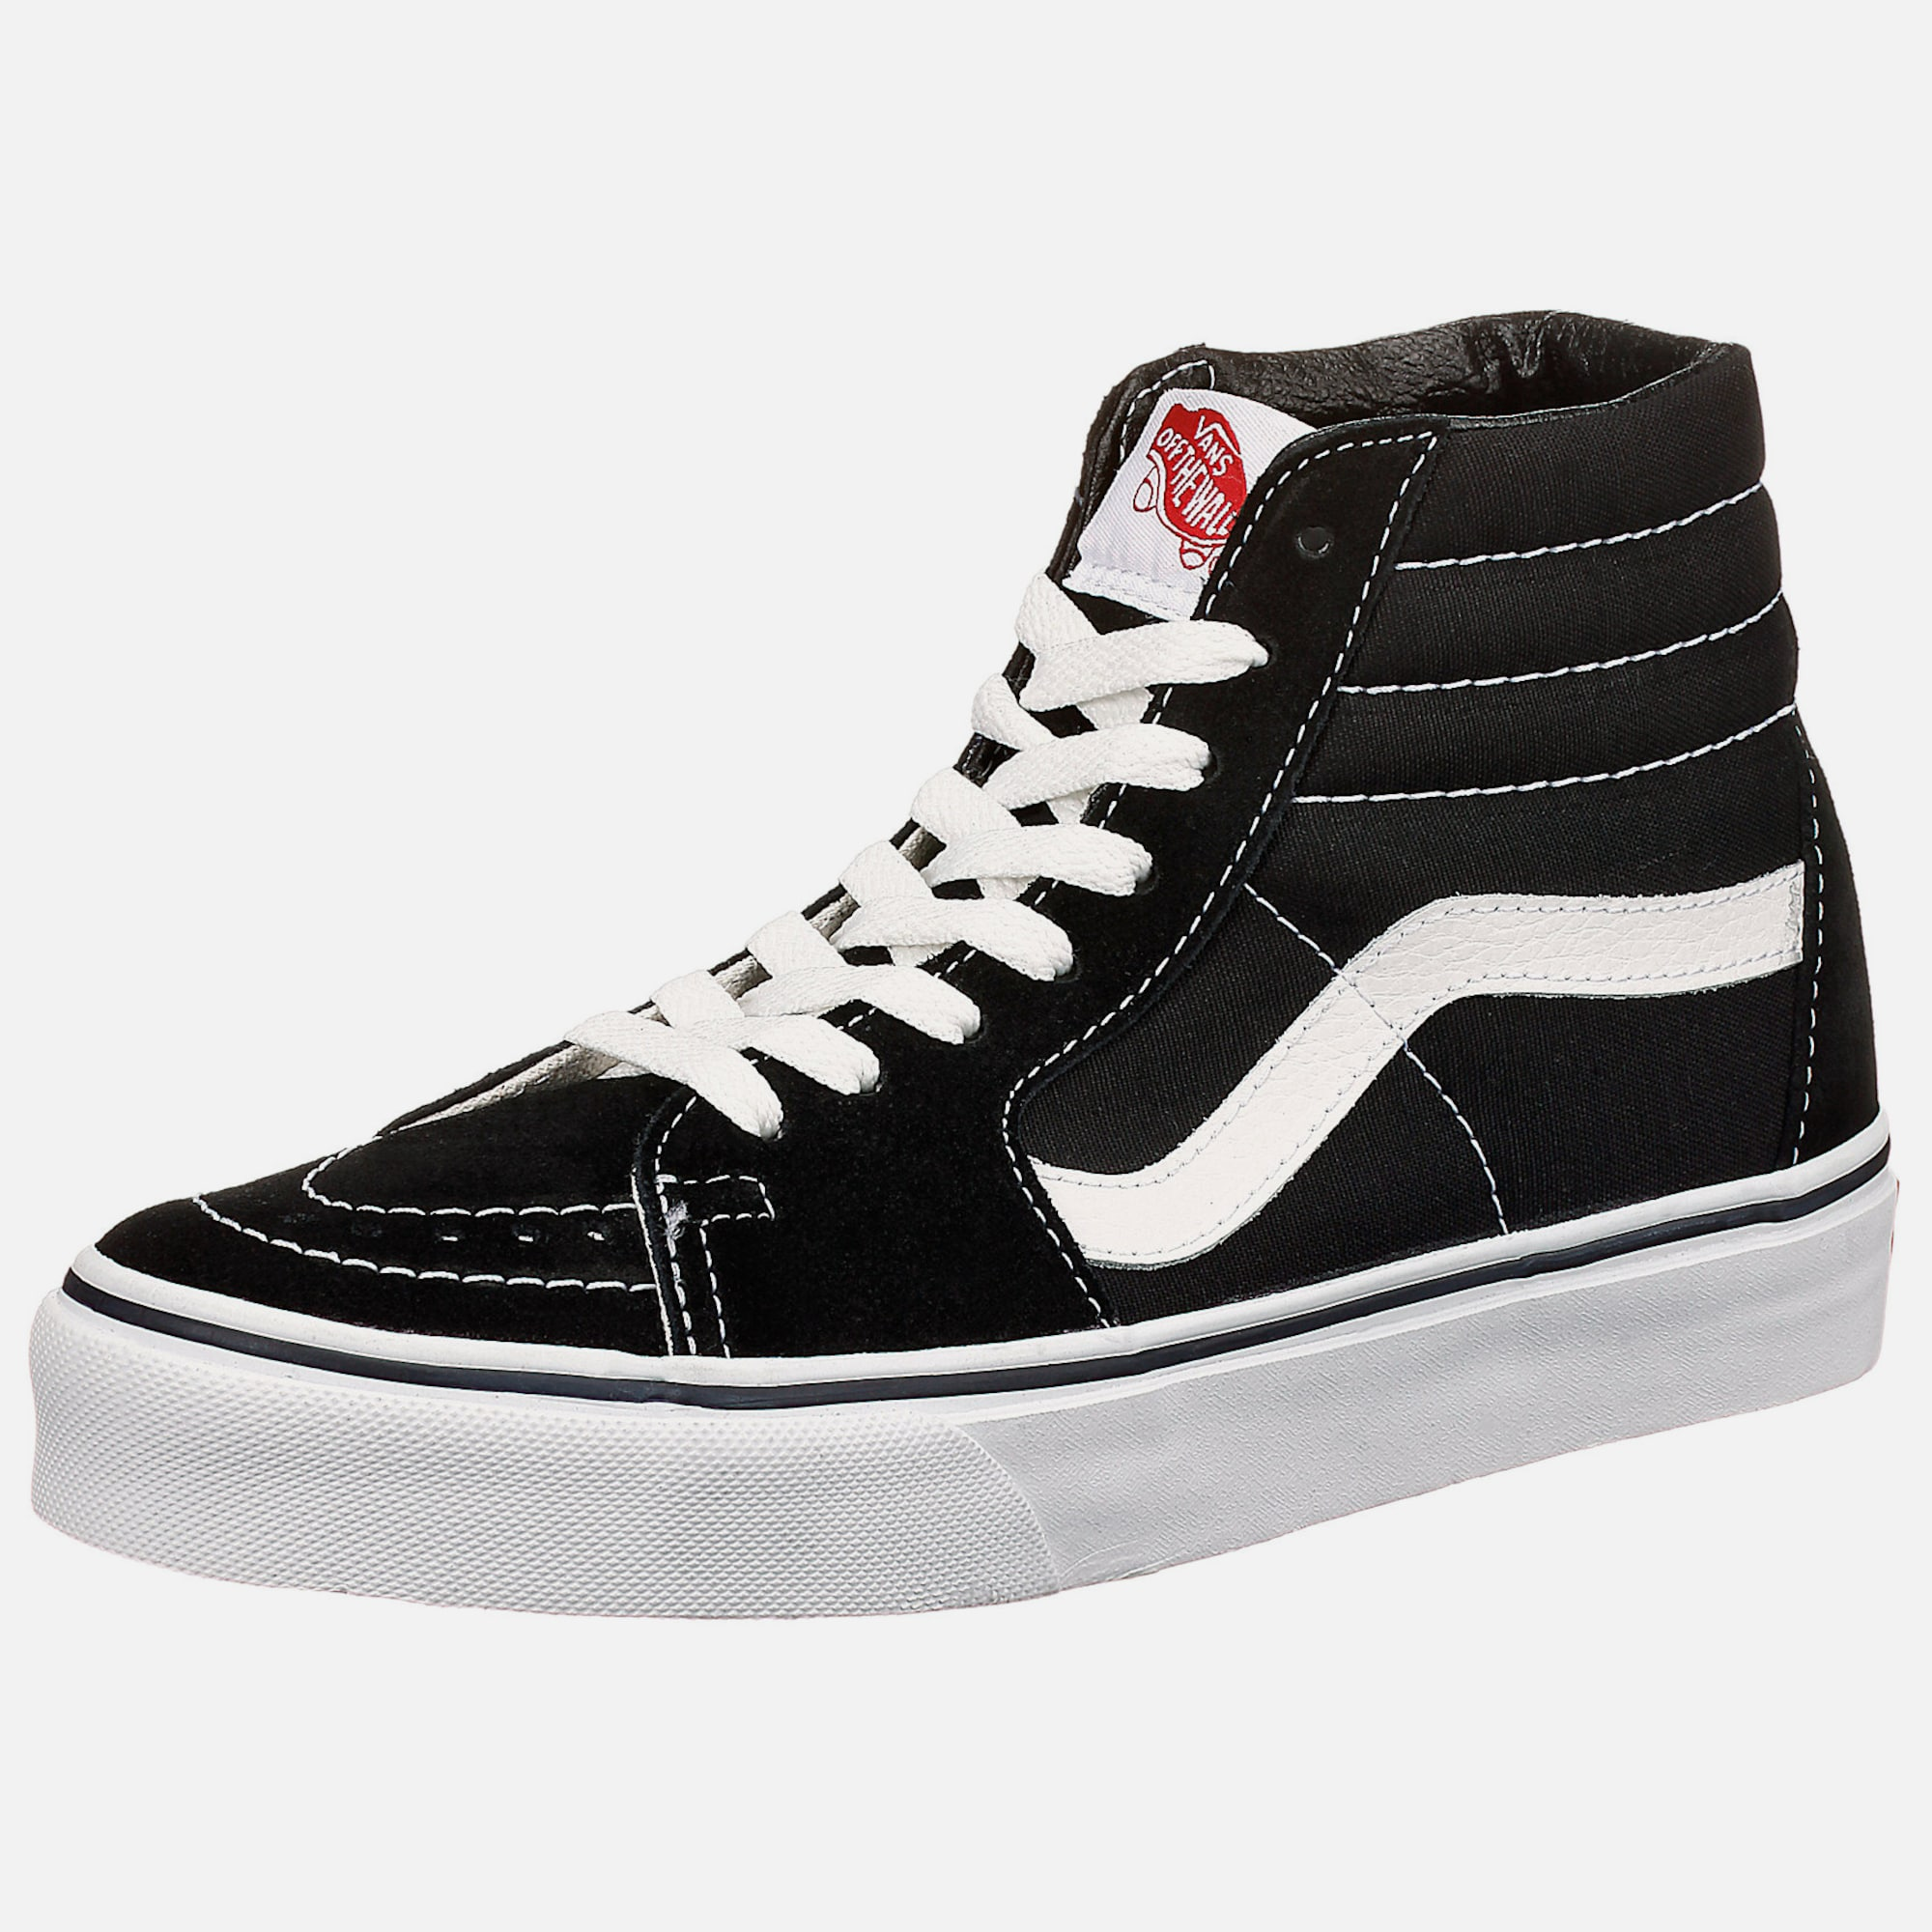 vans sk8 hi sneakers in schwarz about you. Black Bedroom Furniture Sets. Home Design Ideas